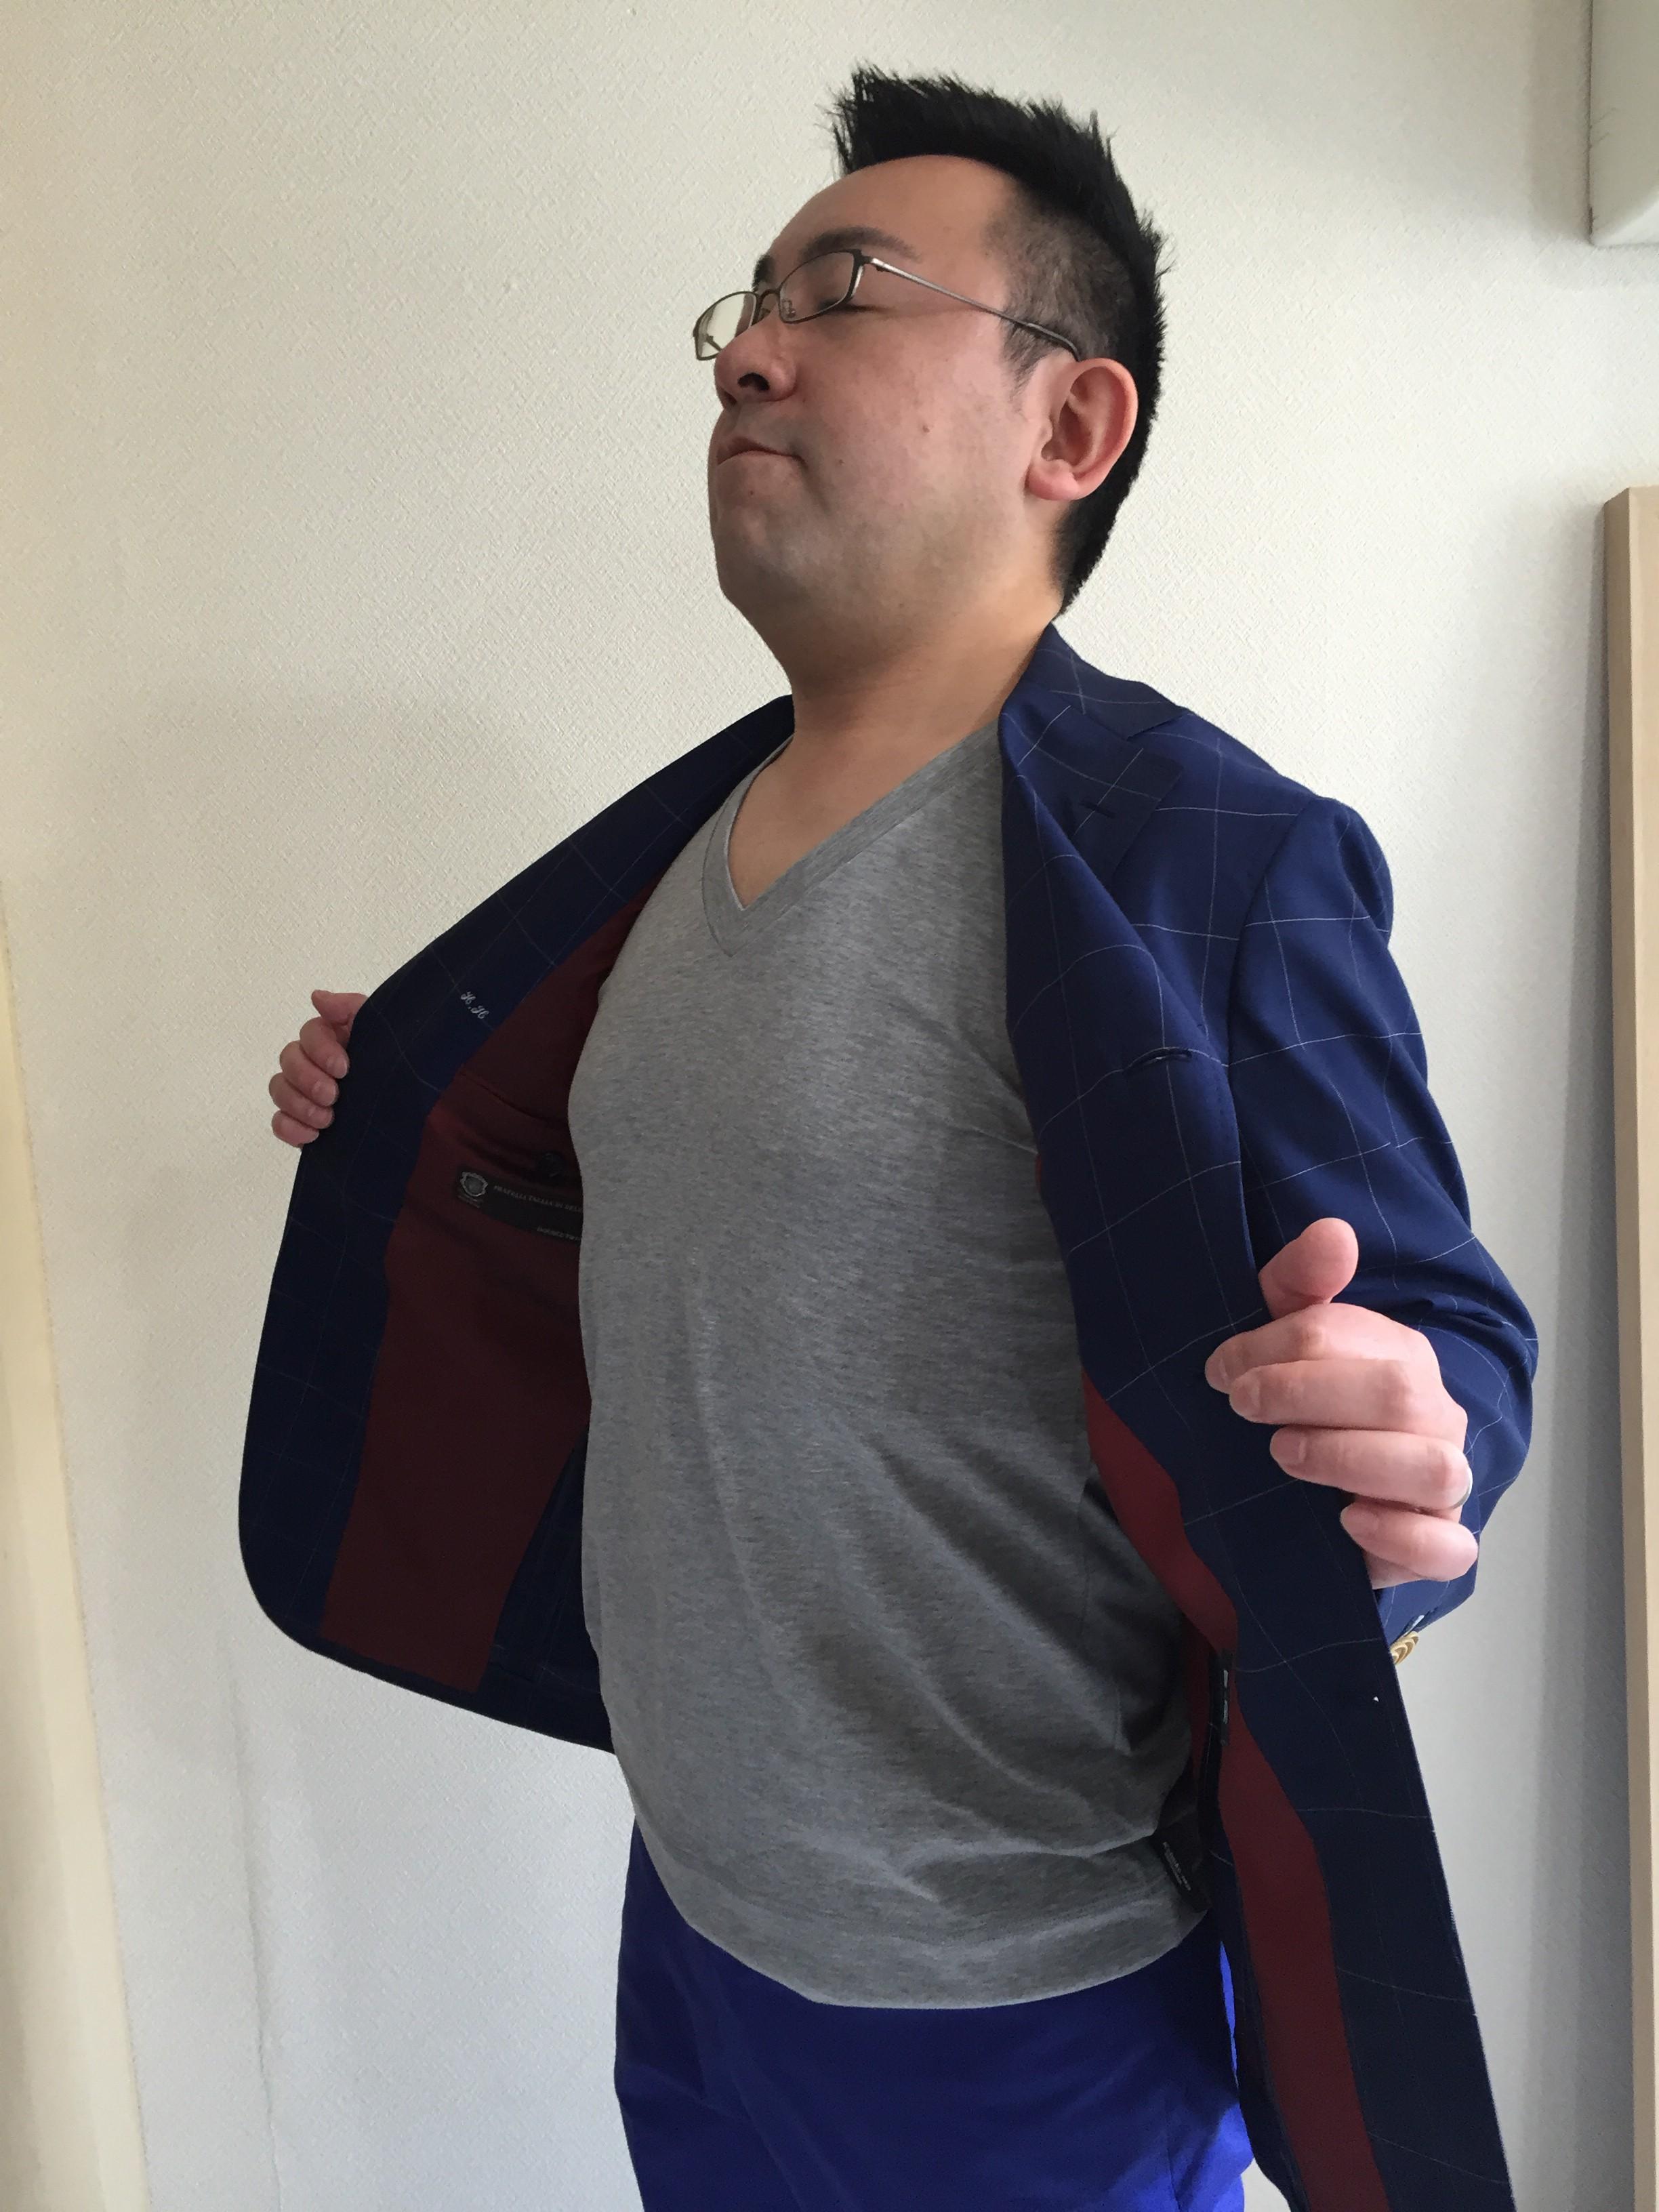 スーツって本当にいいな、欲しいなって思って買ってます?